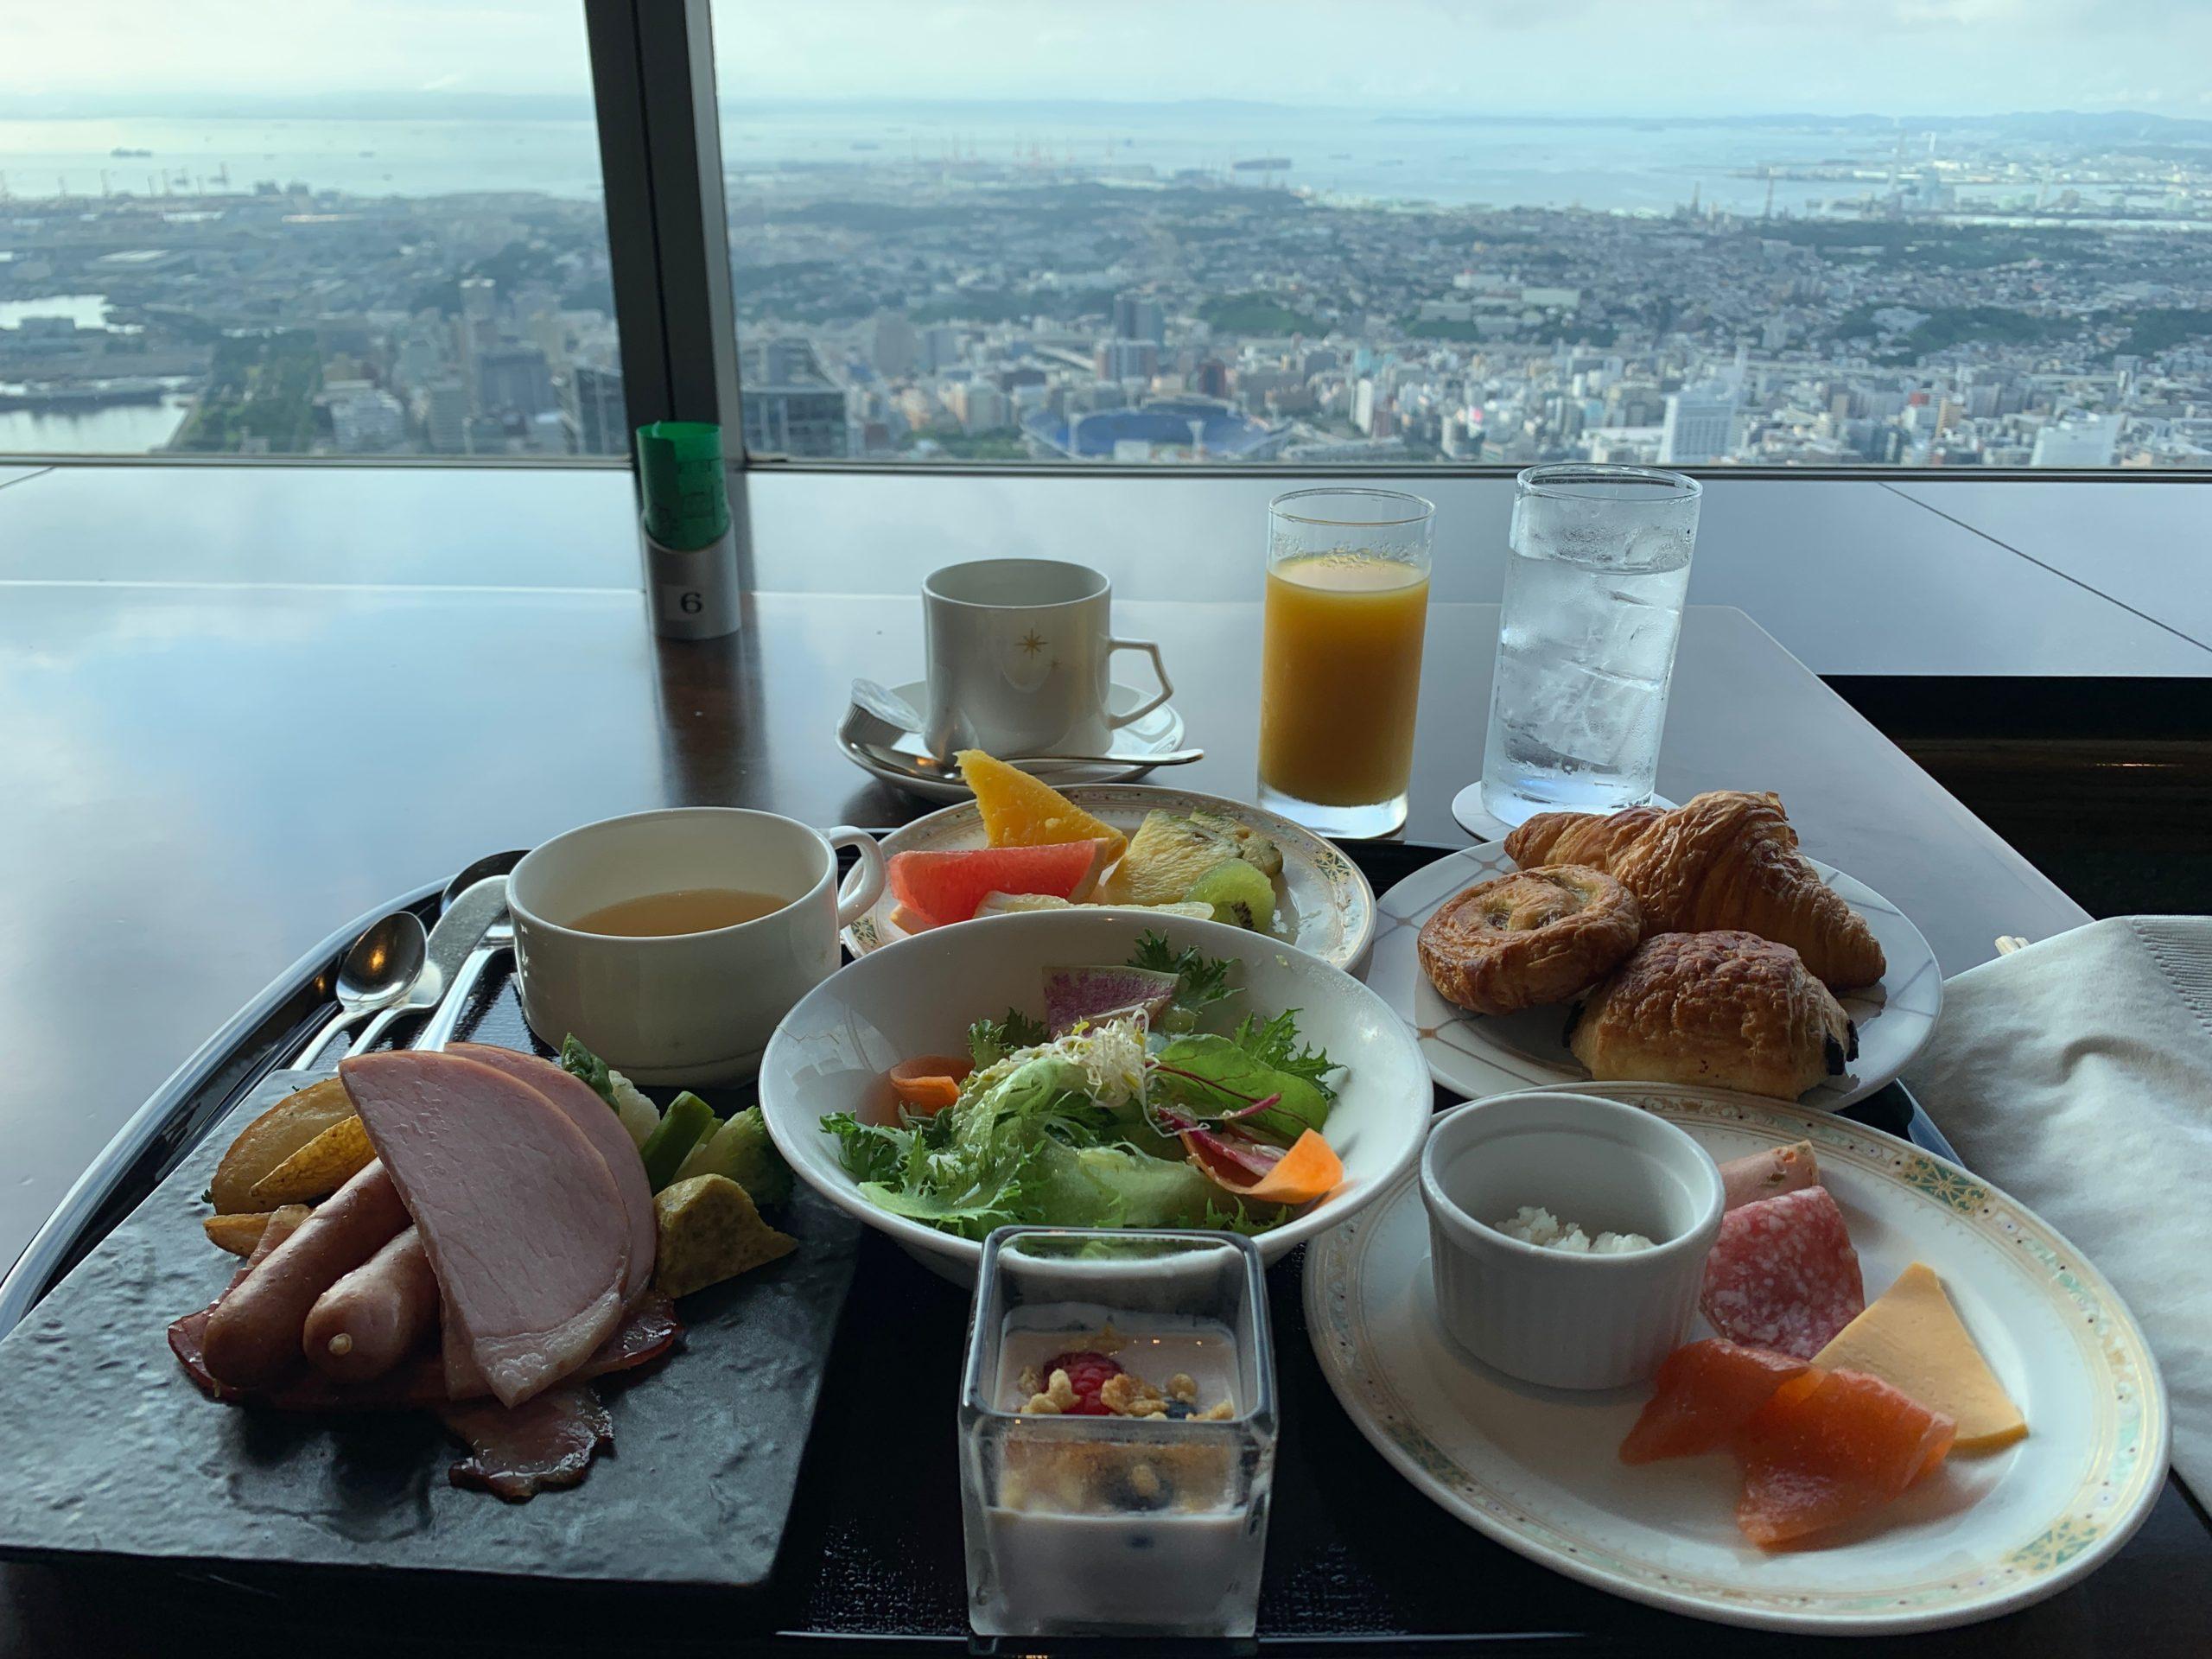 横浜ロイヤルパークホテルの70階スカイラウンジでの朝食